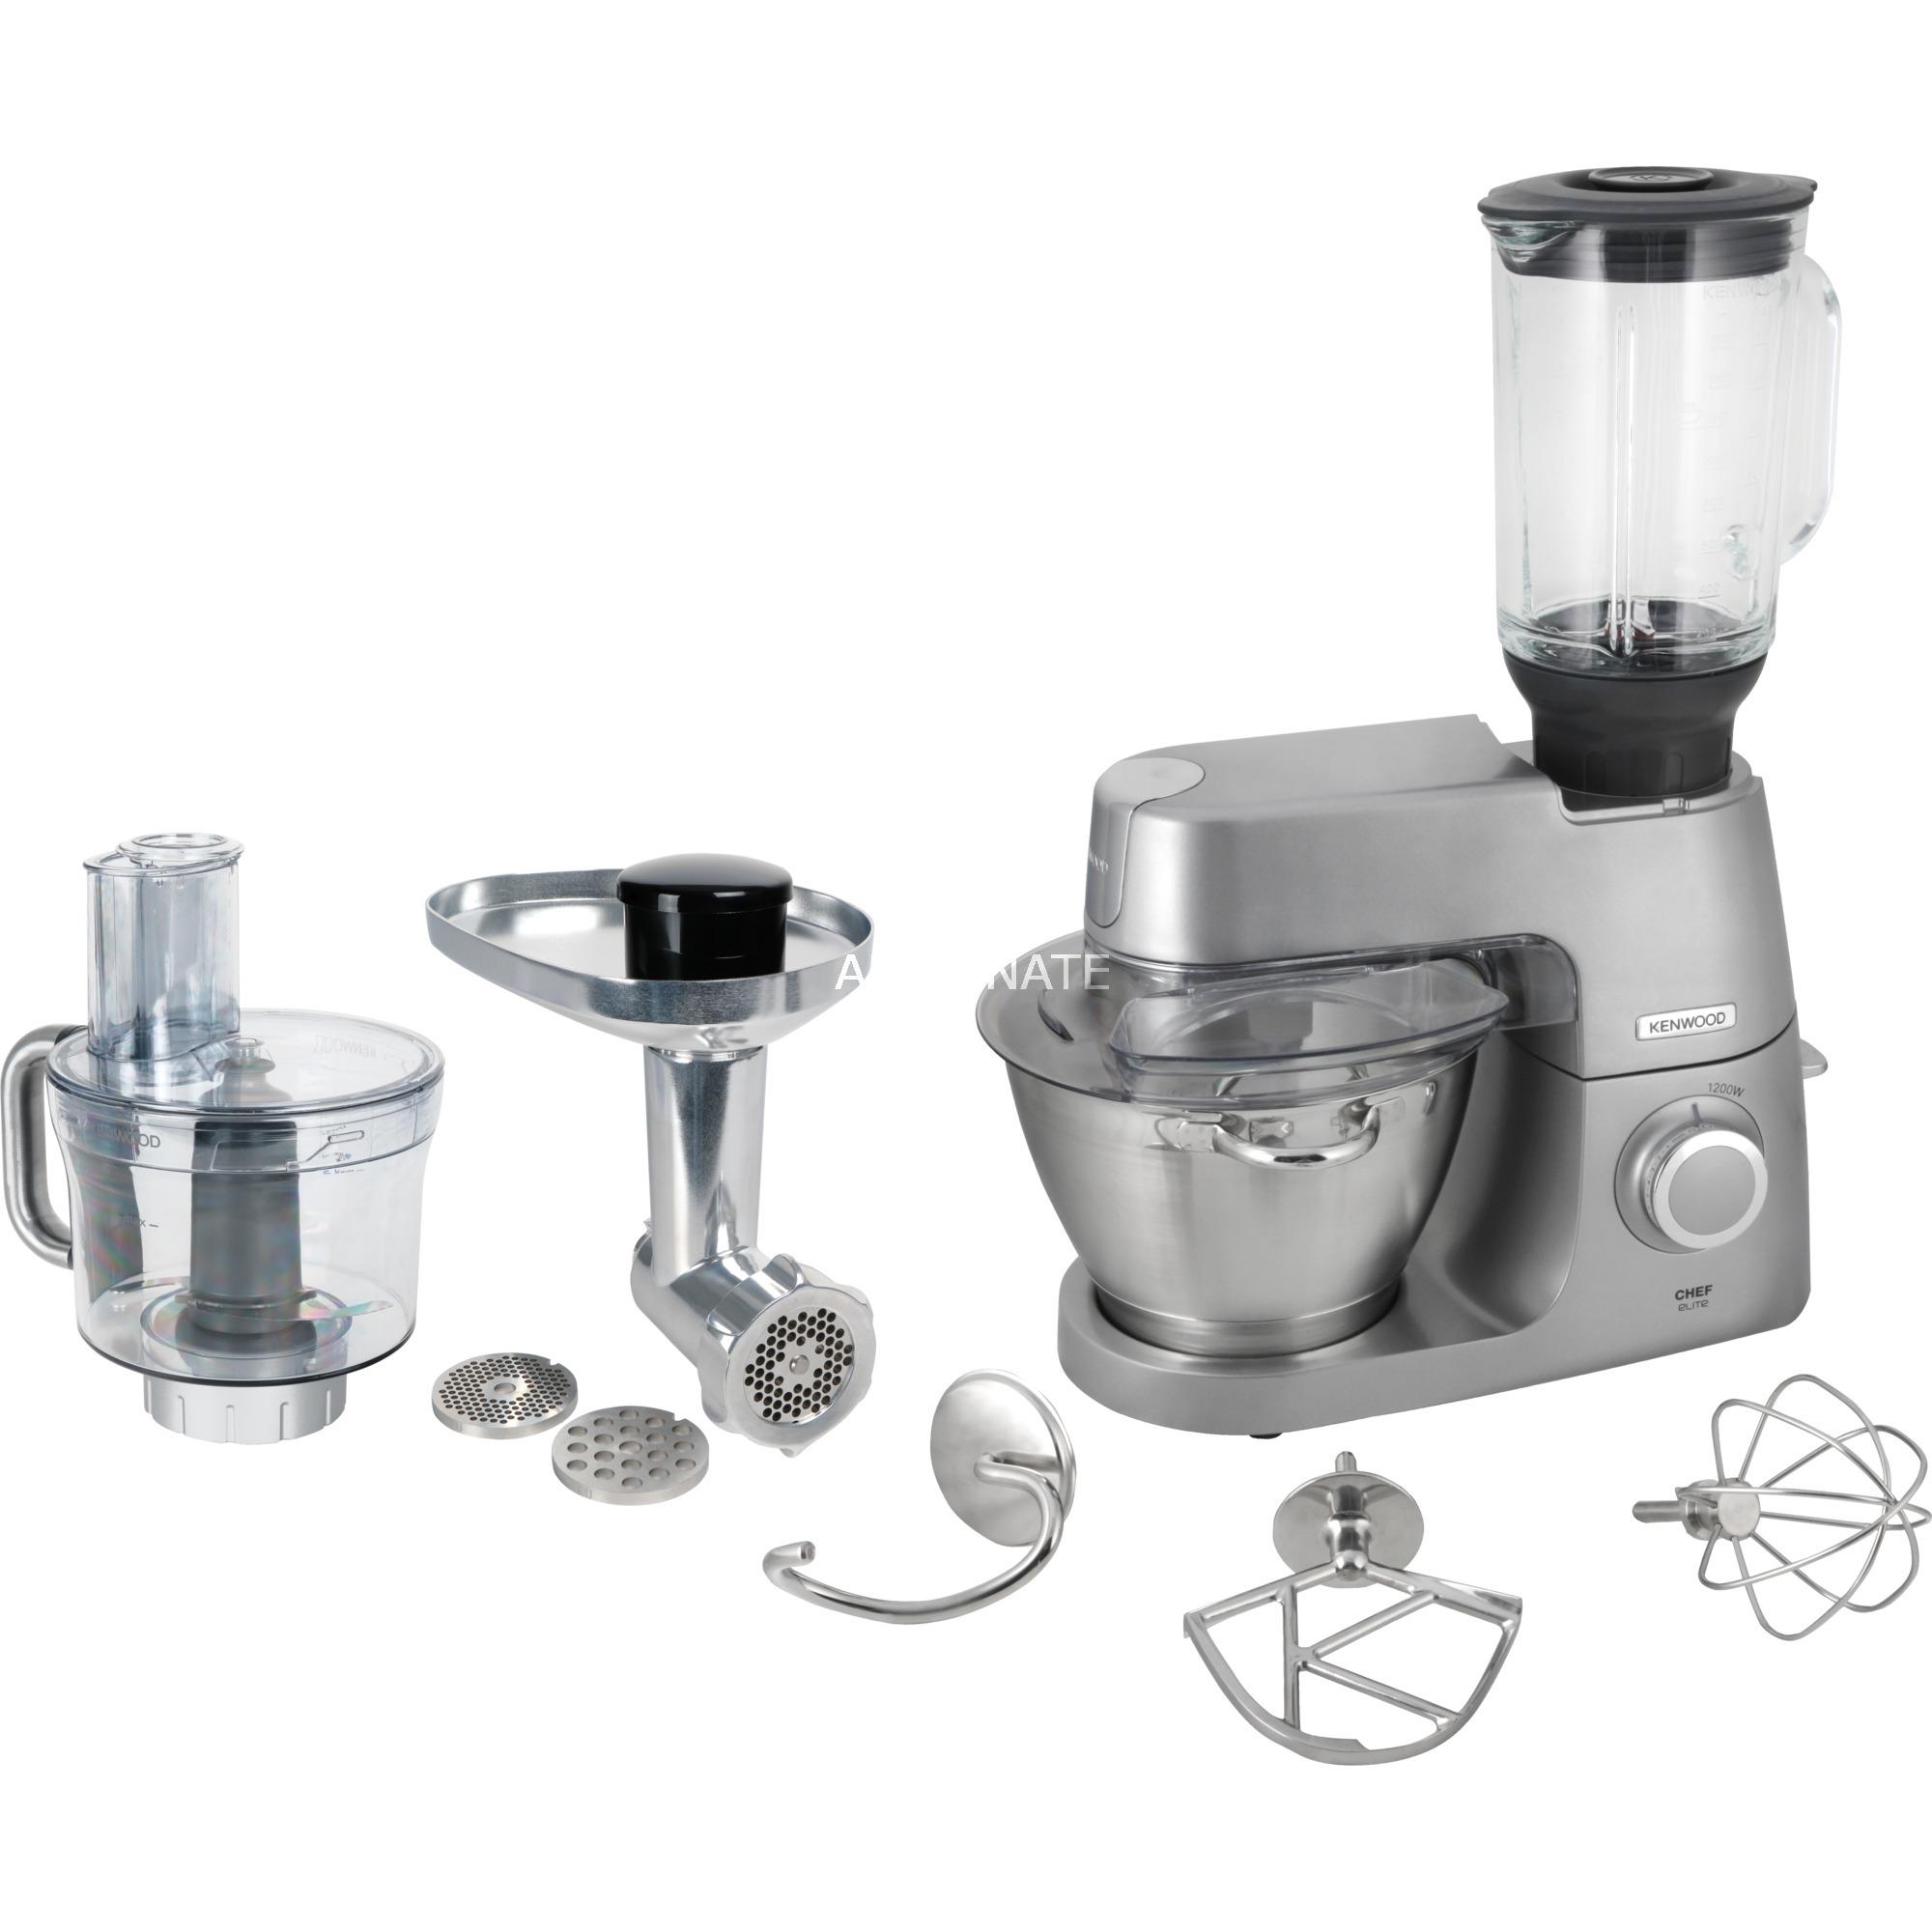 Mixer Da Cucina Prezzi - Home Design E Interior Ideas - Refoias.net